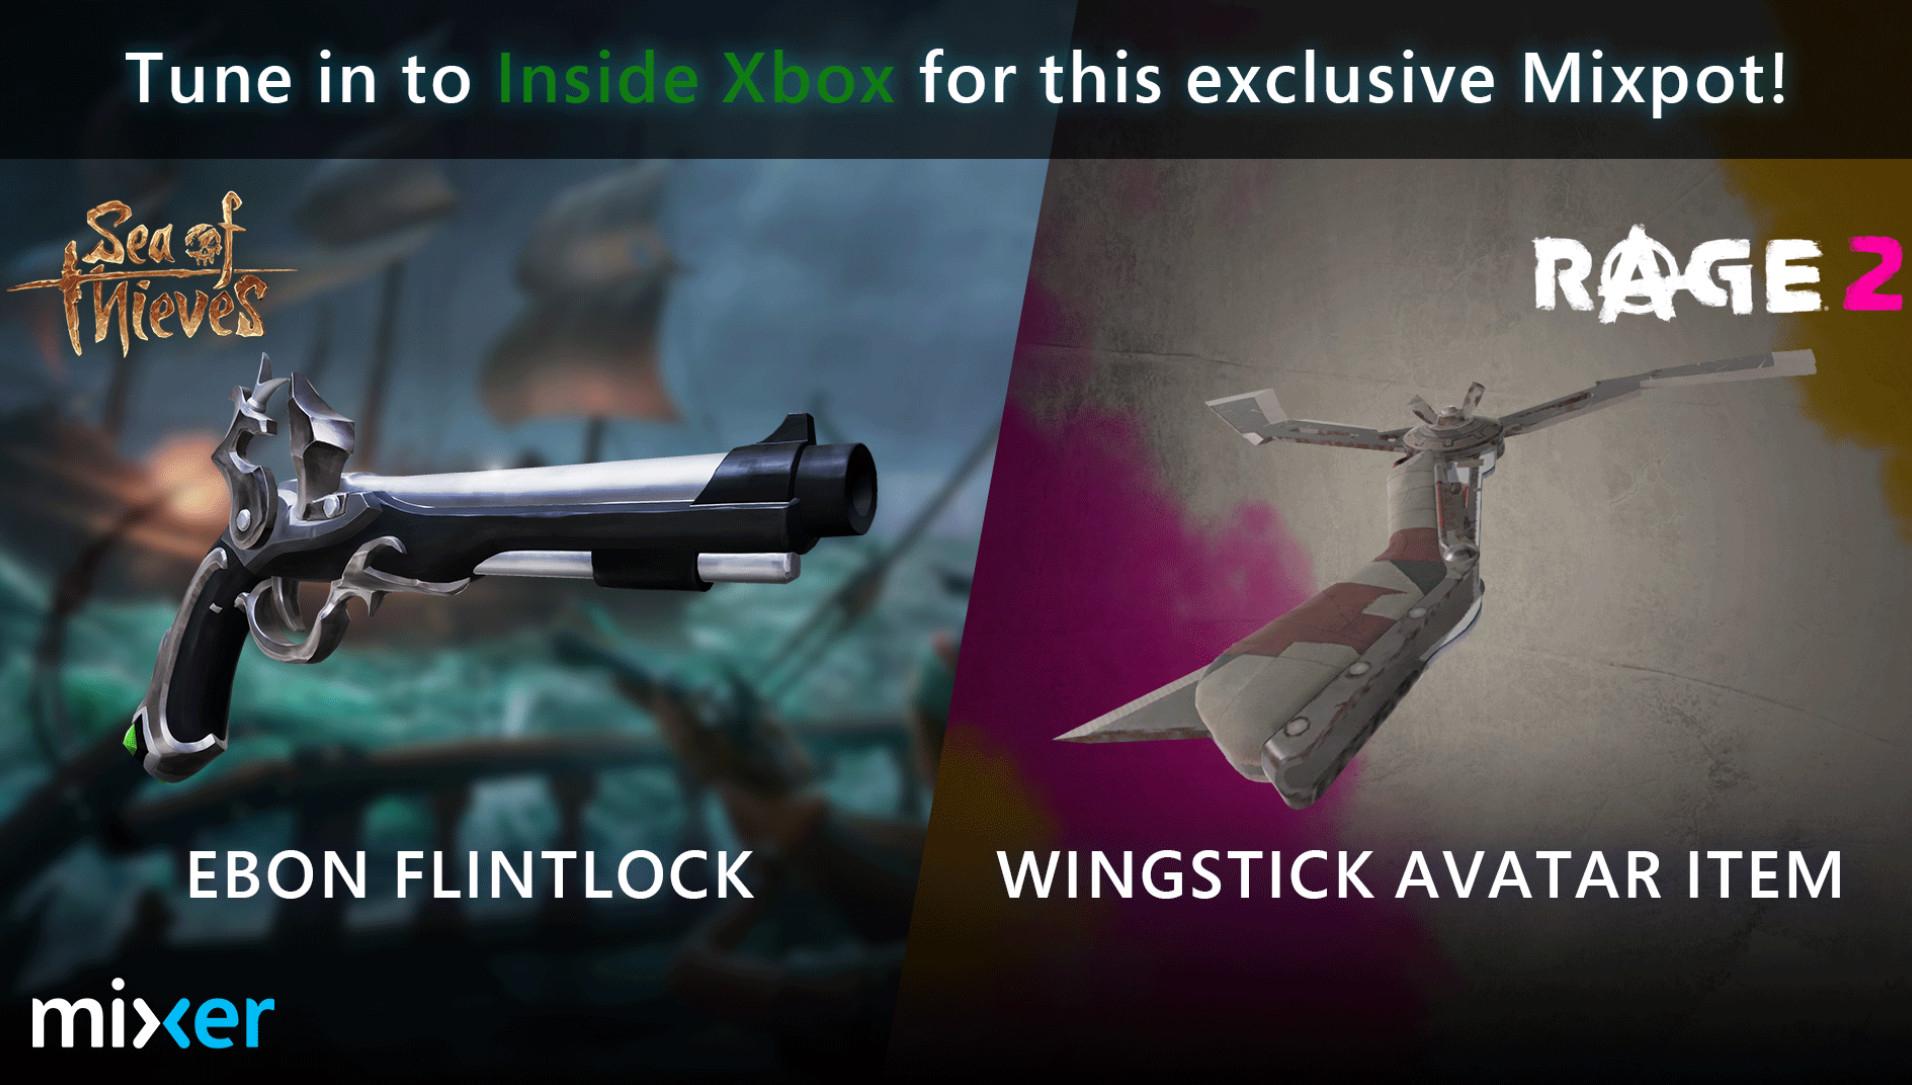 XBOX ONE (16/04): Nuevo contenido gratuito para Sea of Thieves y Rage 2 por seguir el Xbox Inside en Mixer